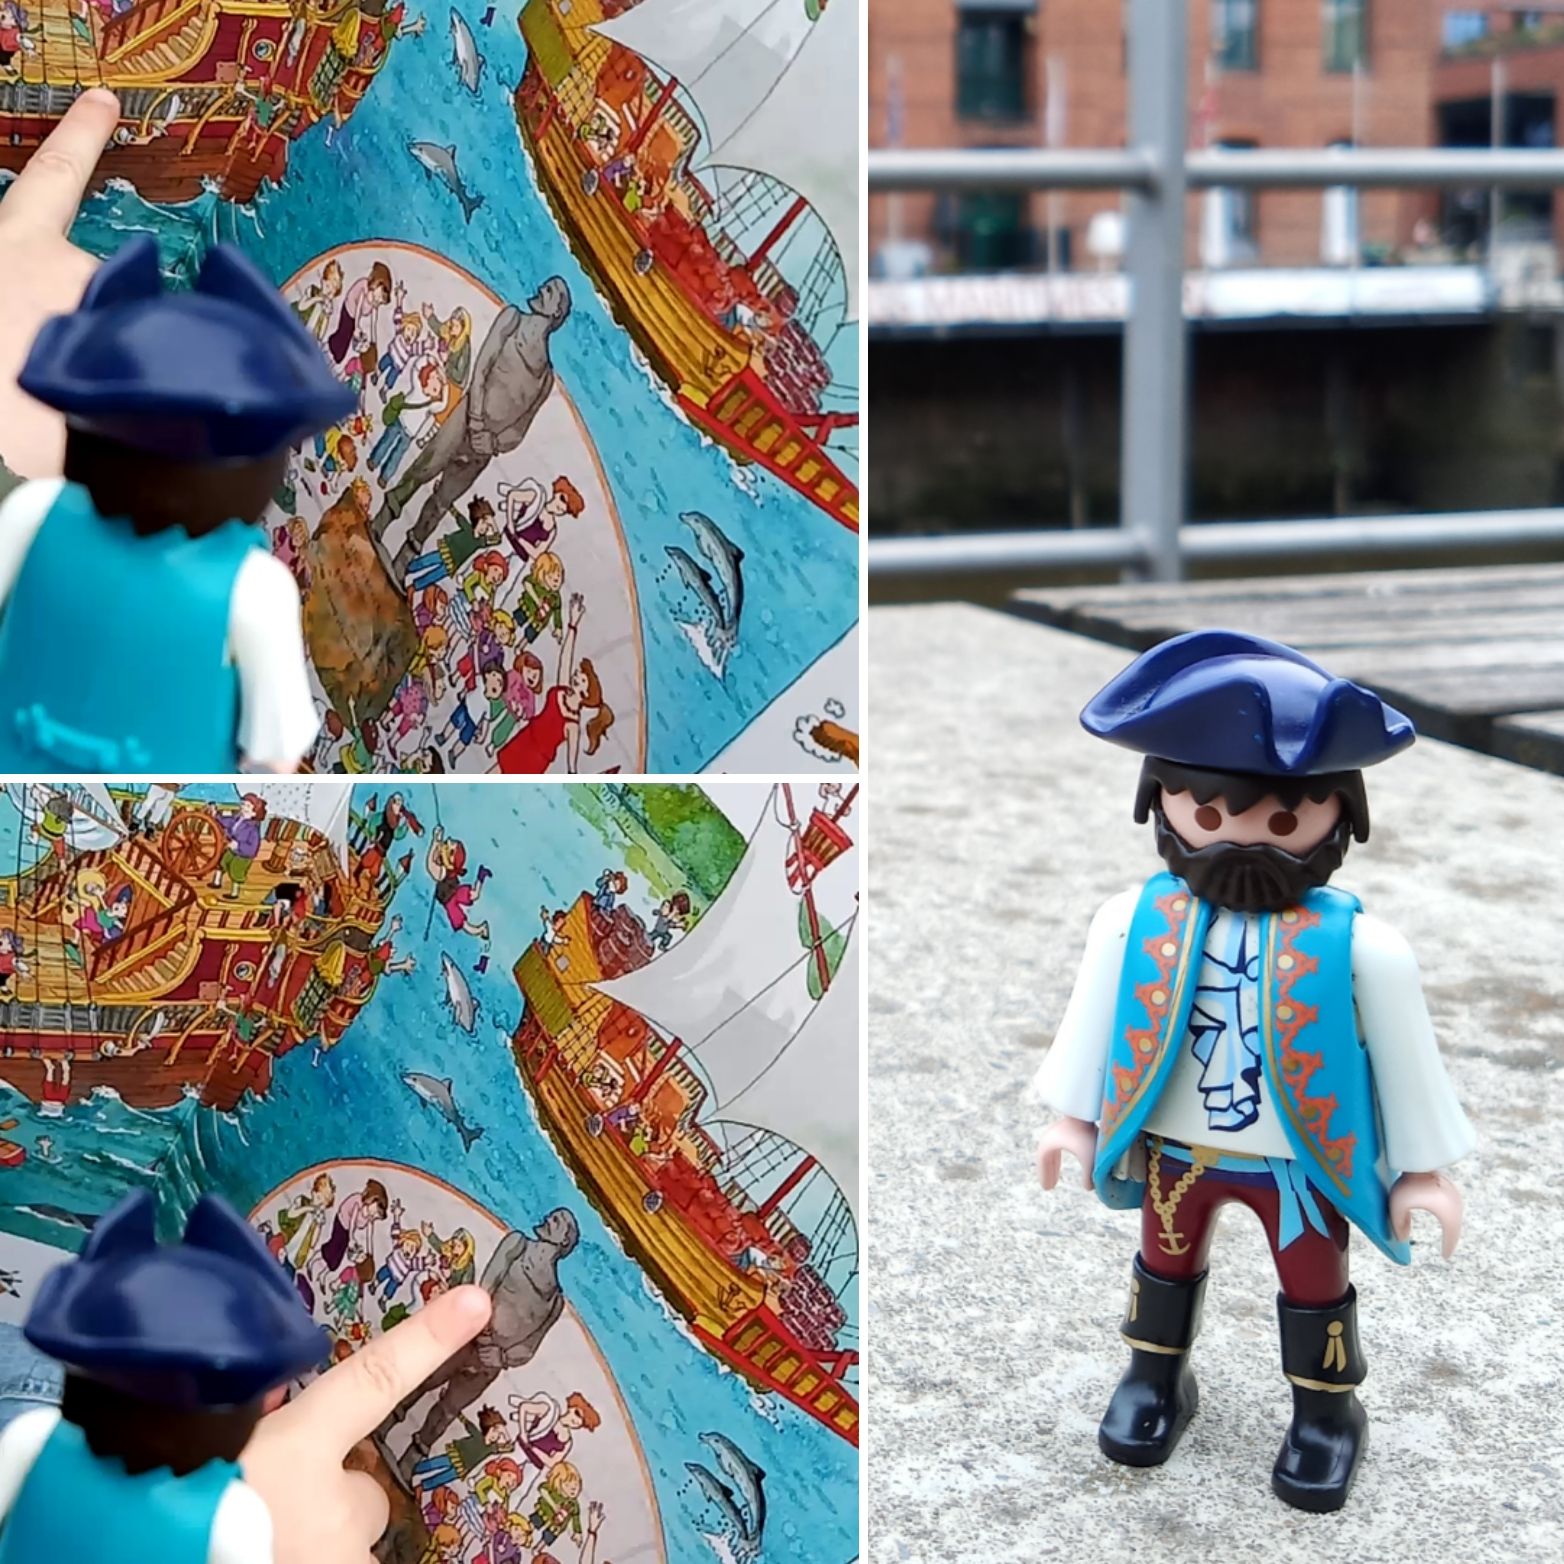 Piraten in Hamburg – Entdeckungstour mit Kind